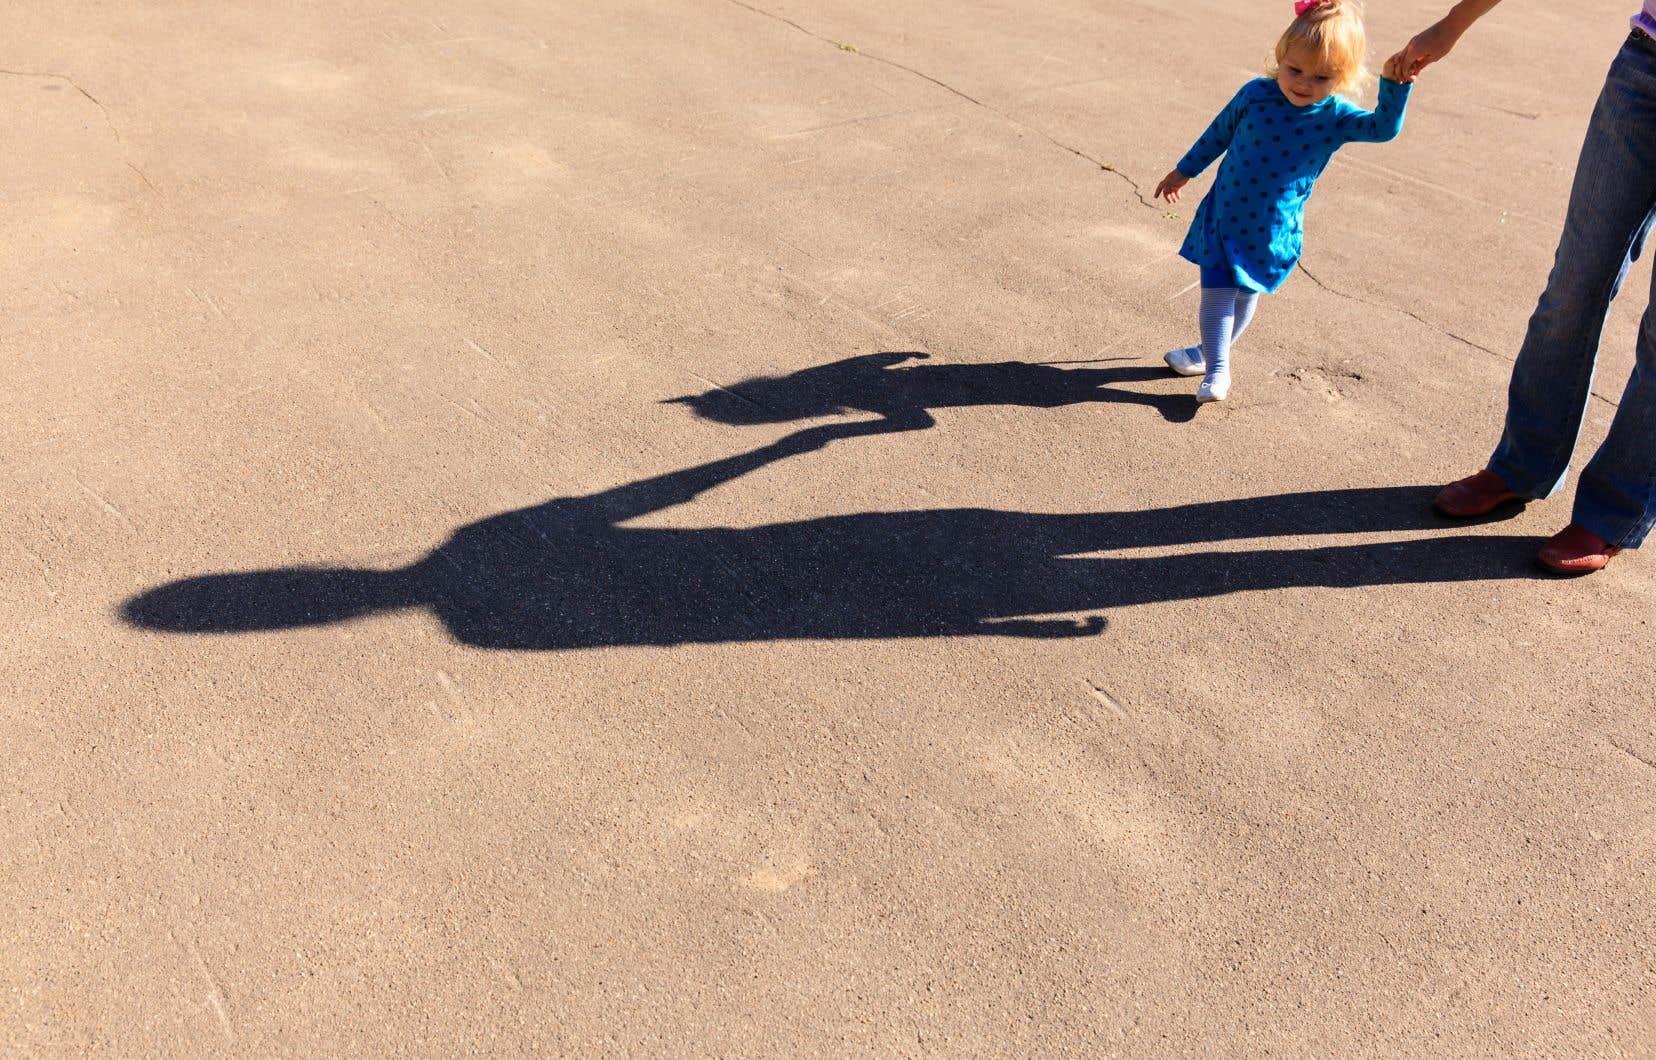 «L'intérêt supérieur de l'enfant doit être au cœur de toute réforme du droit de la famille», estime l'auteur.